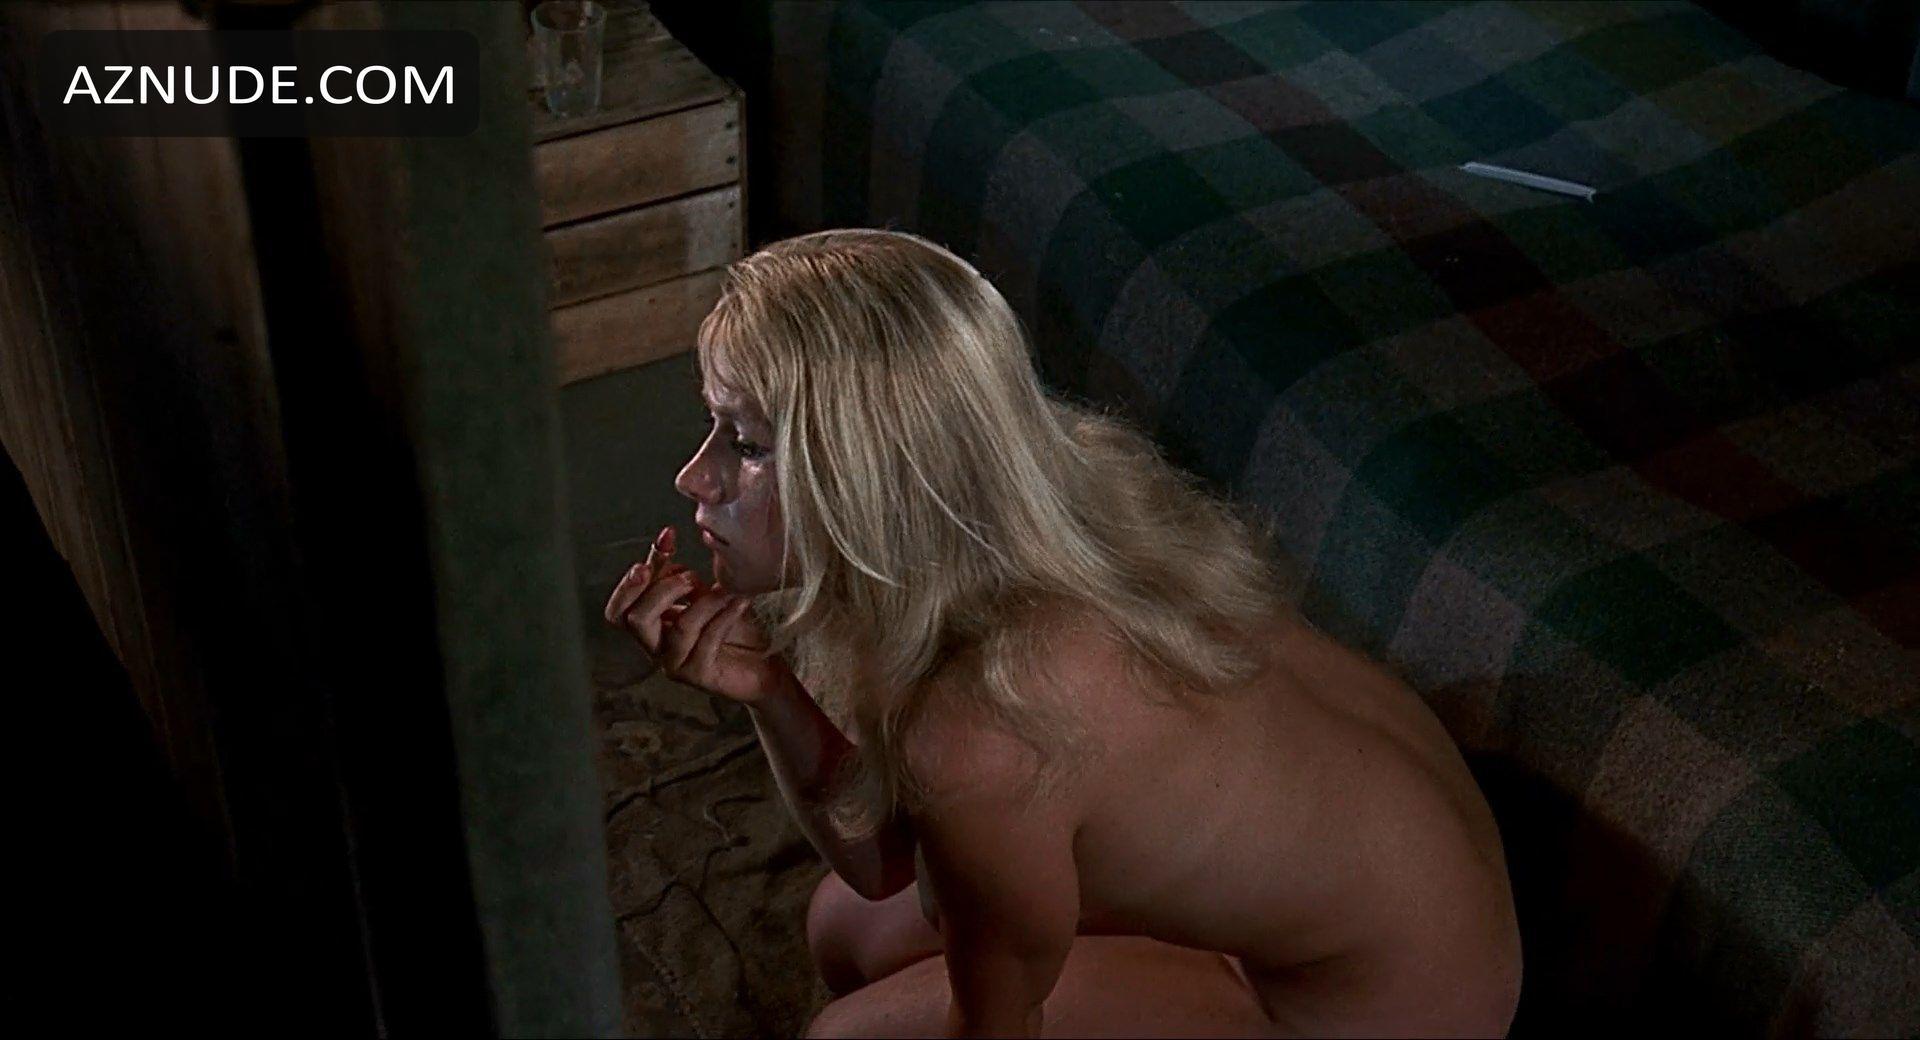 helen mirren nude pics cunt